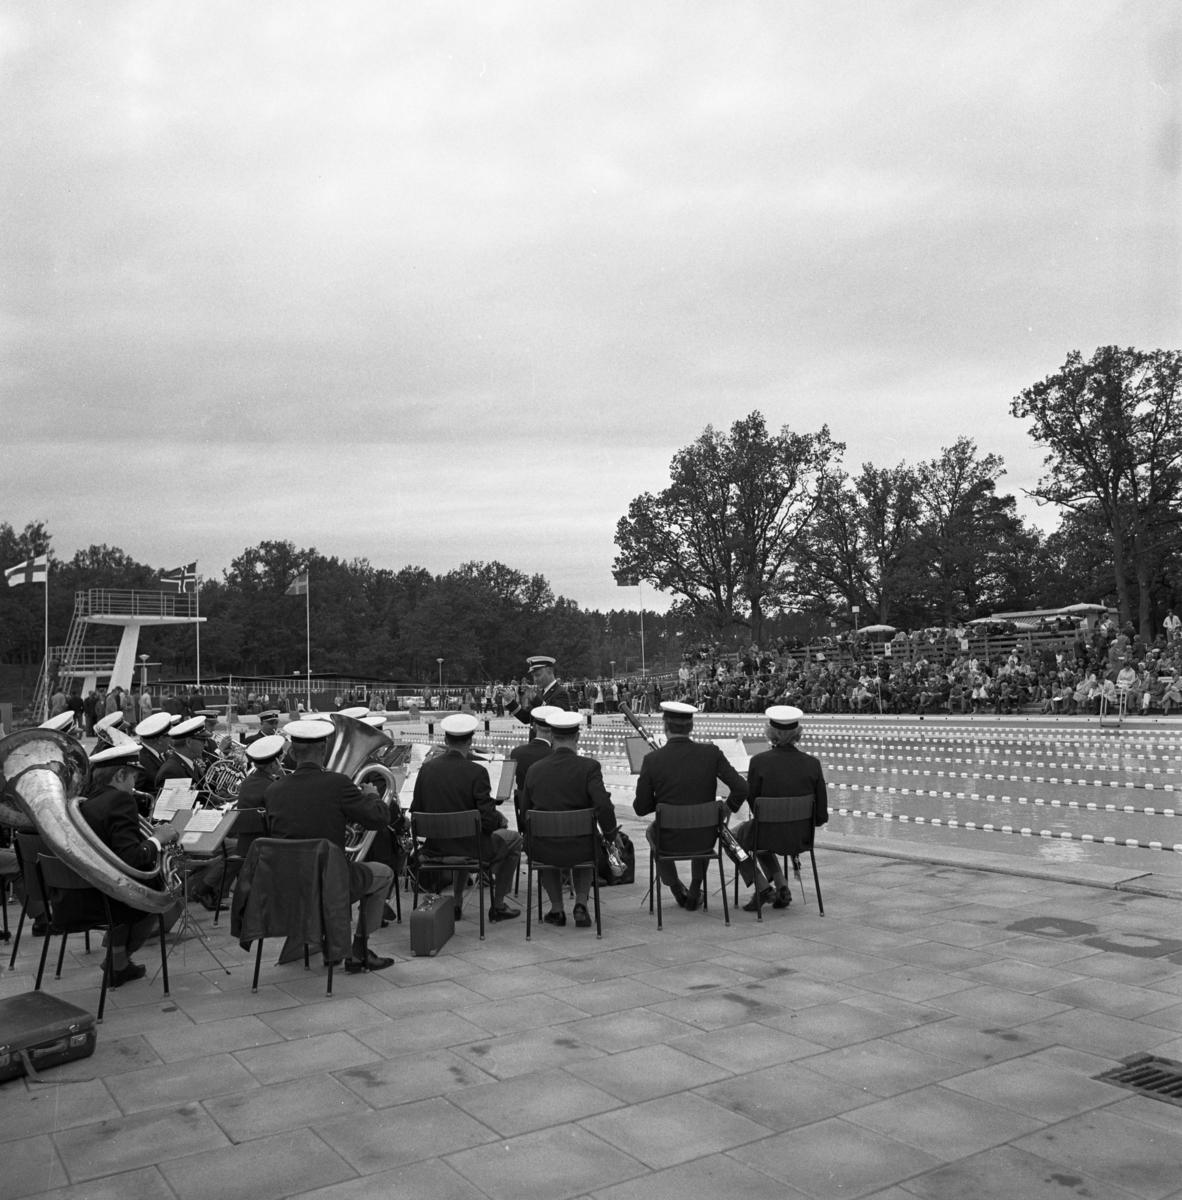 Musikkåren spelar vid invigningen av Ekbacksbadets utomhusbassäng! Publiken sitter på läktaren på andra sidan poolen. Hopptornet ses i bakgrunden.